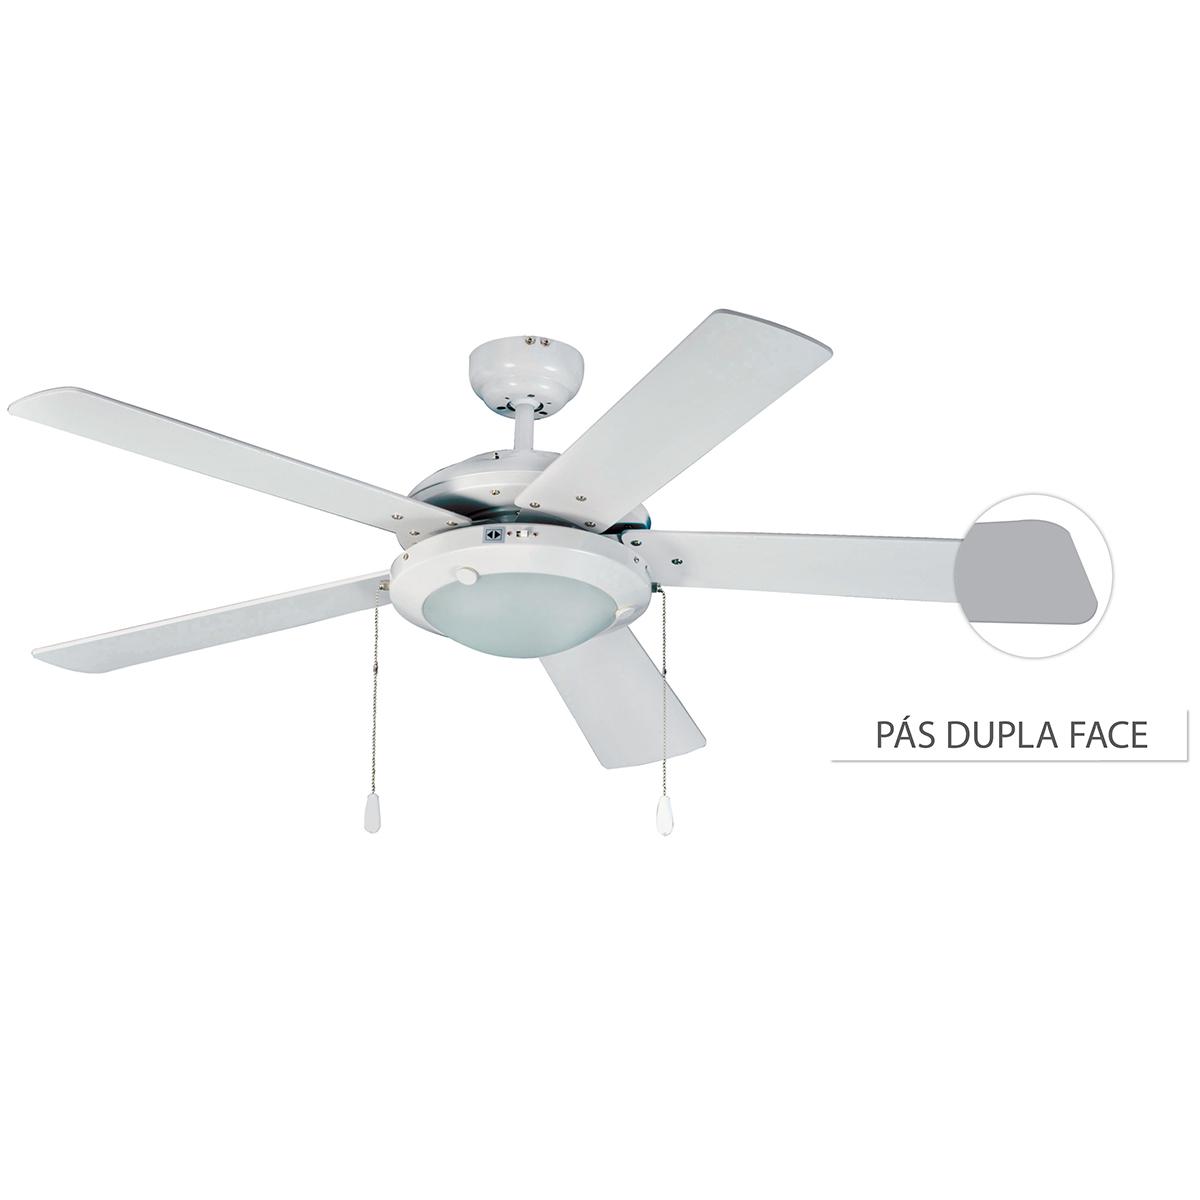 Ventilador De Teto Hl-53 2 Soq E-27 5 Pas Reversiveis (Cinza / Branco) Branco 110v